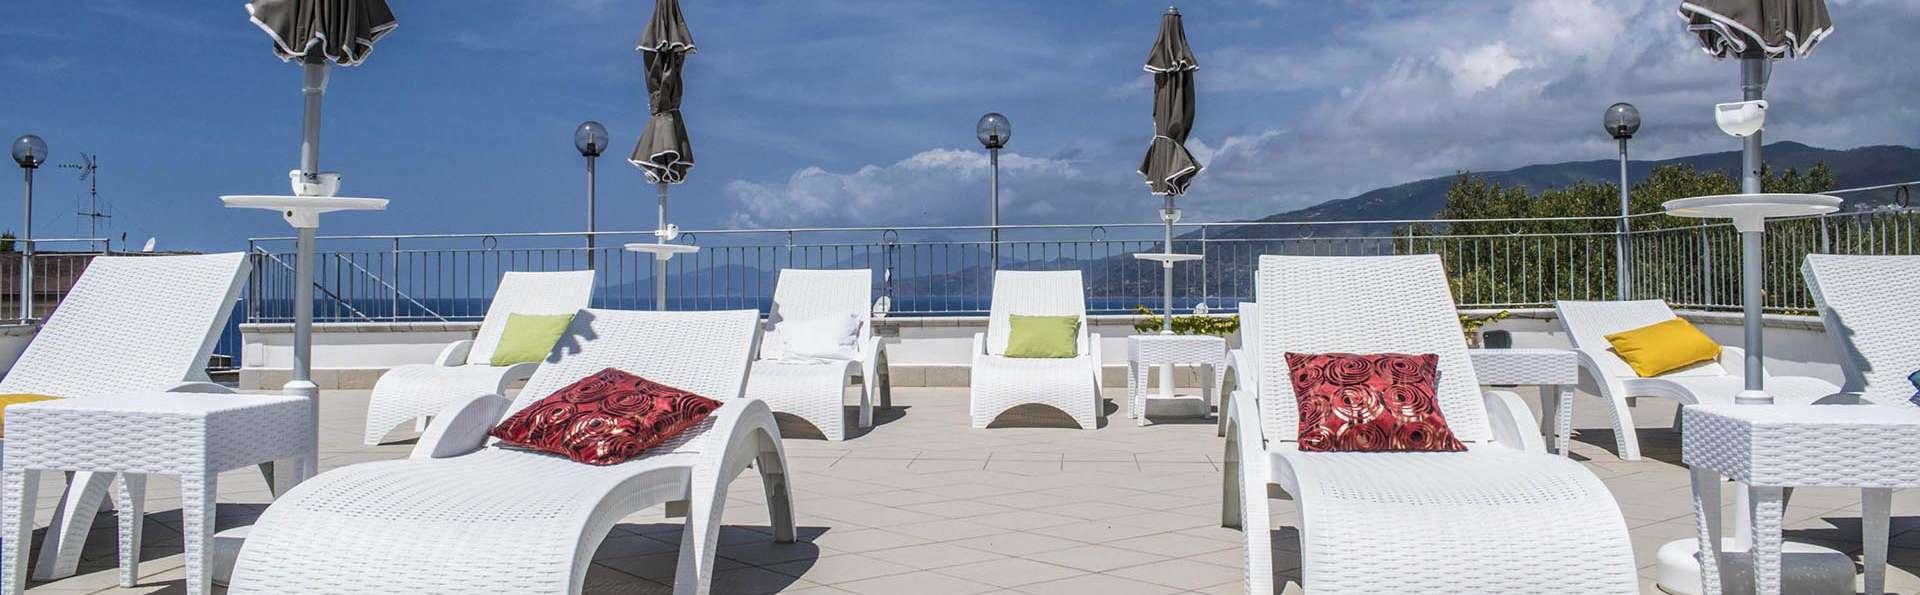 Hotel Baia - EDIT_HM-solarium_01.jpg